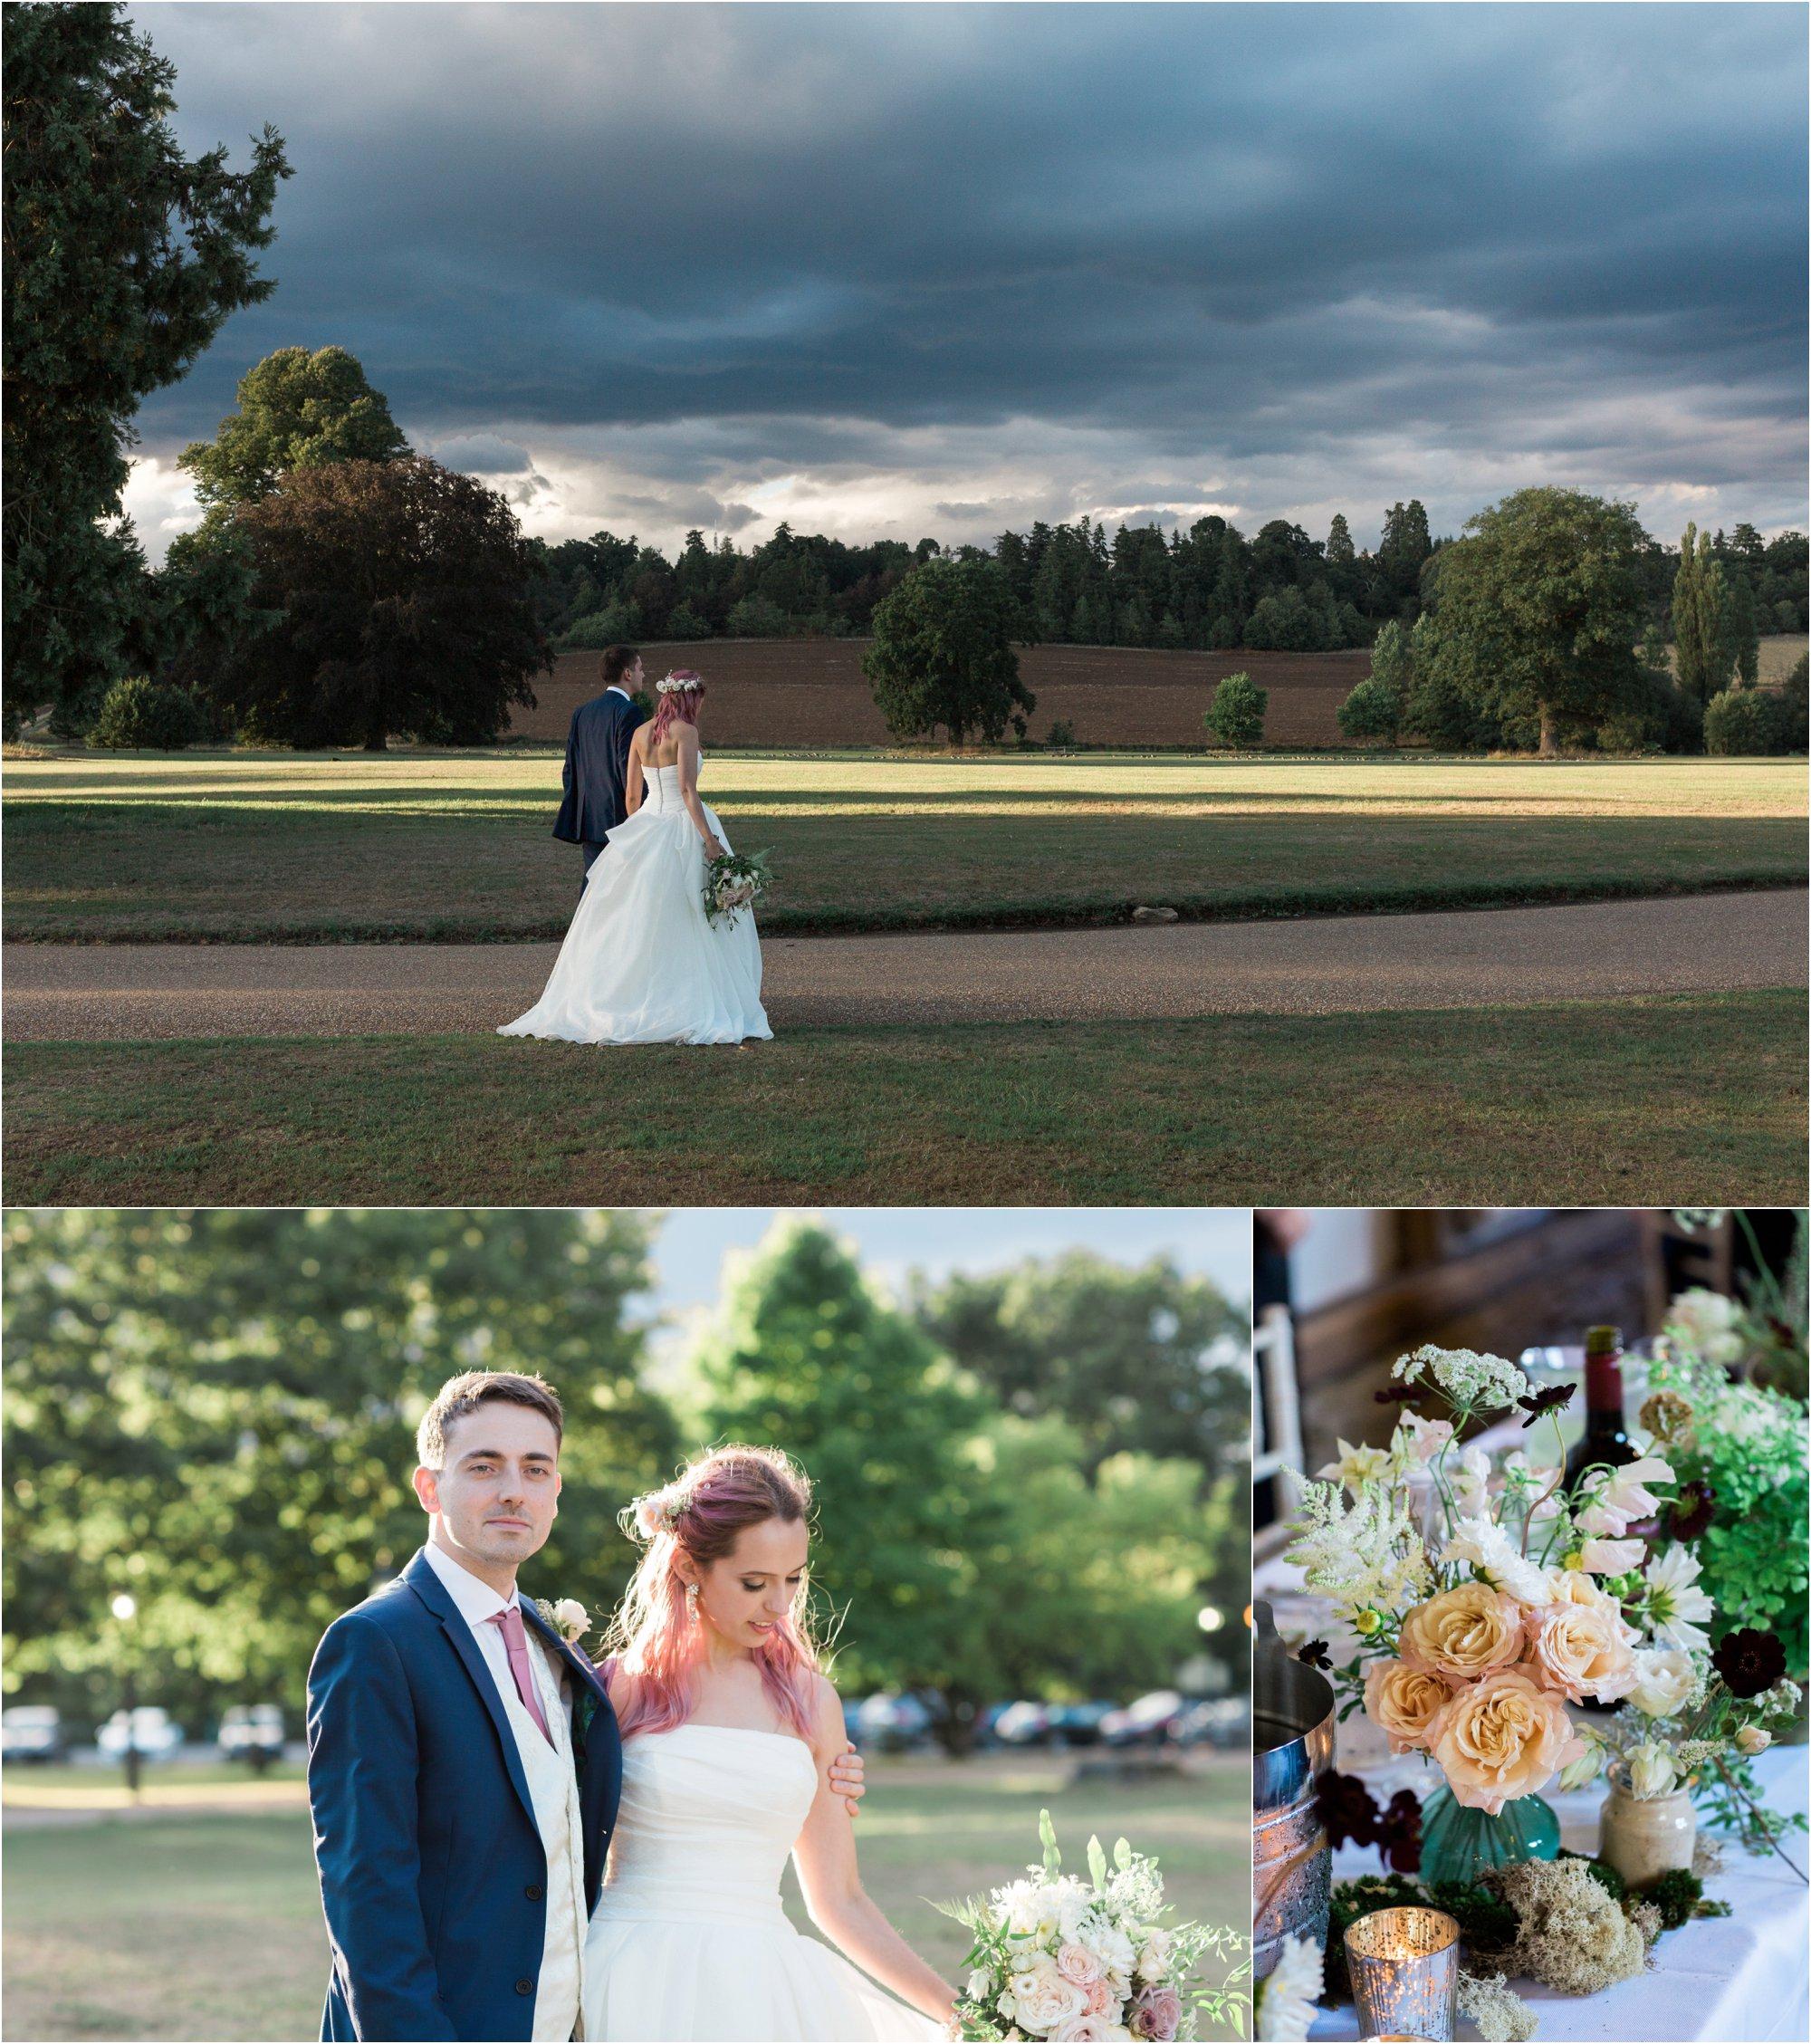 Bride and groom at Loseley Park Surrey wedding